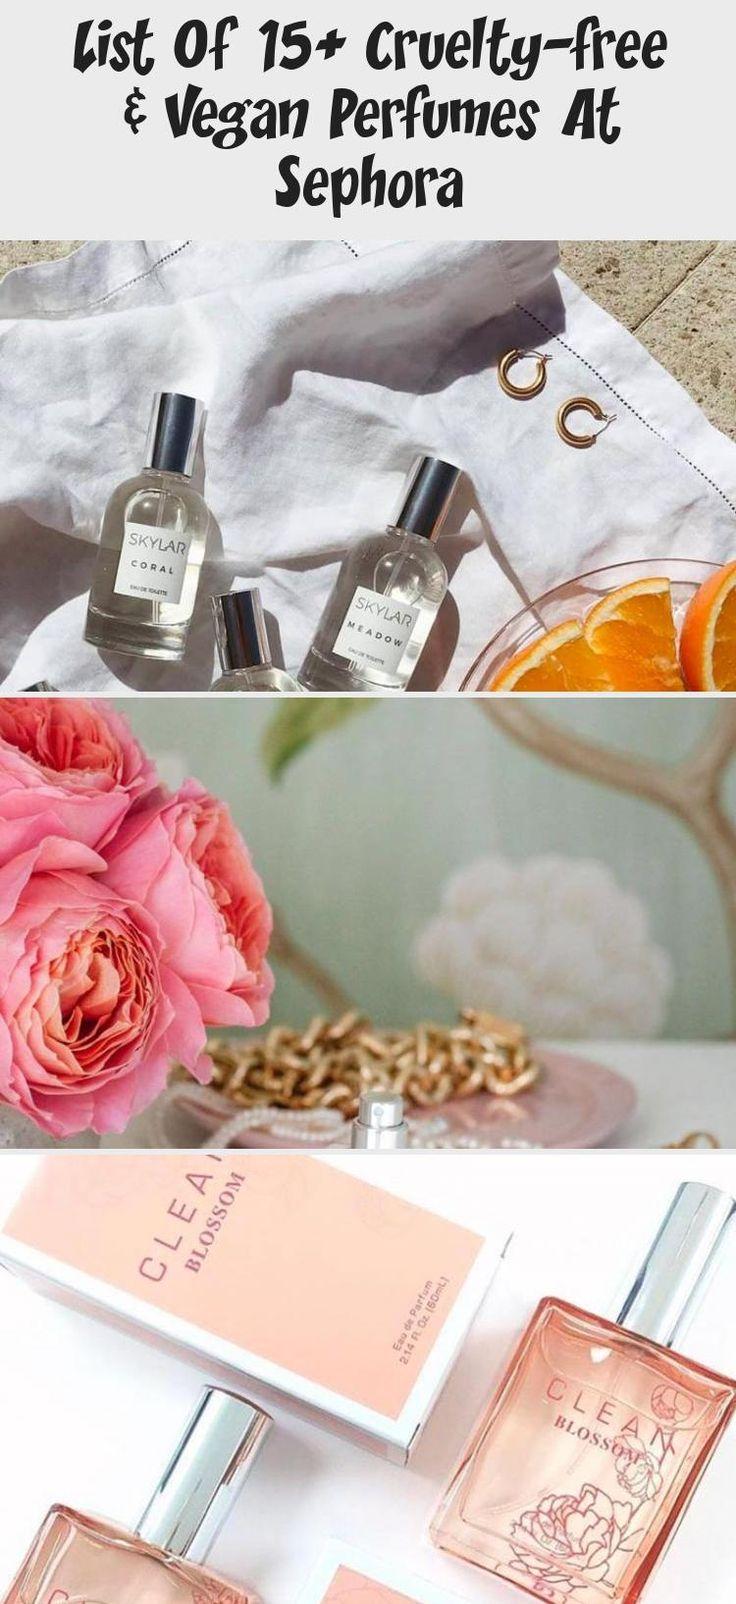 En Blog En Blog in 2020 Vegan perfume, Perfume gift